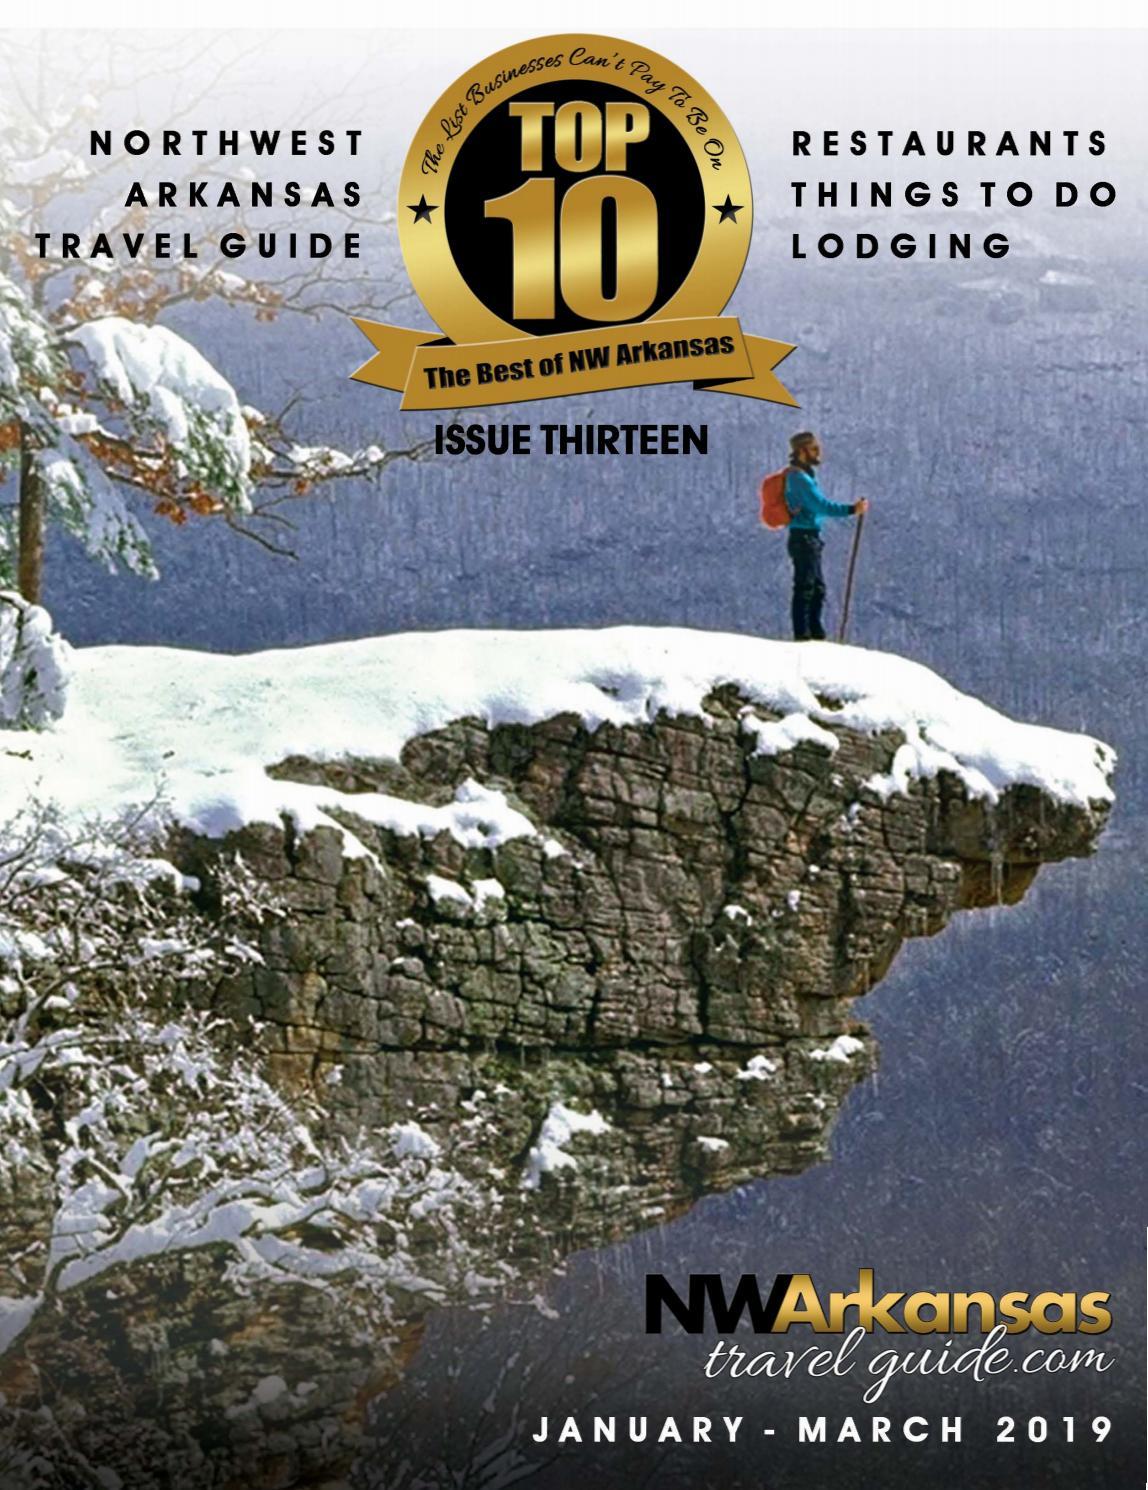 Arkansas Travel Guide